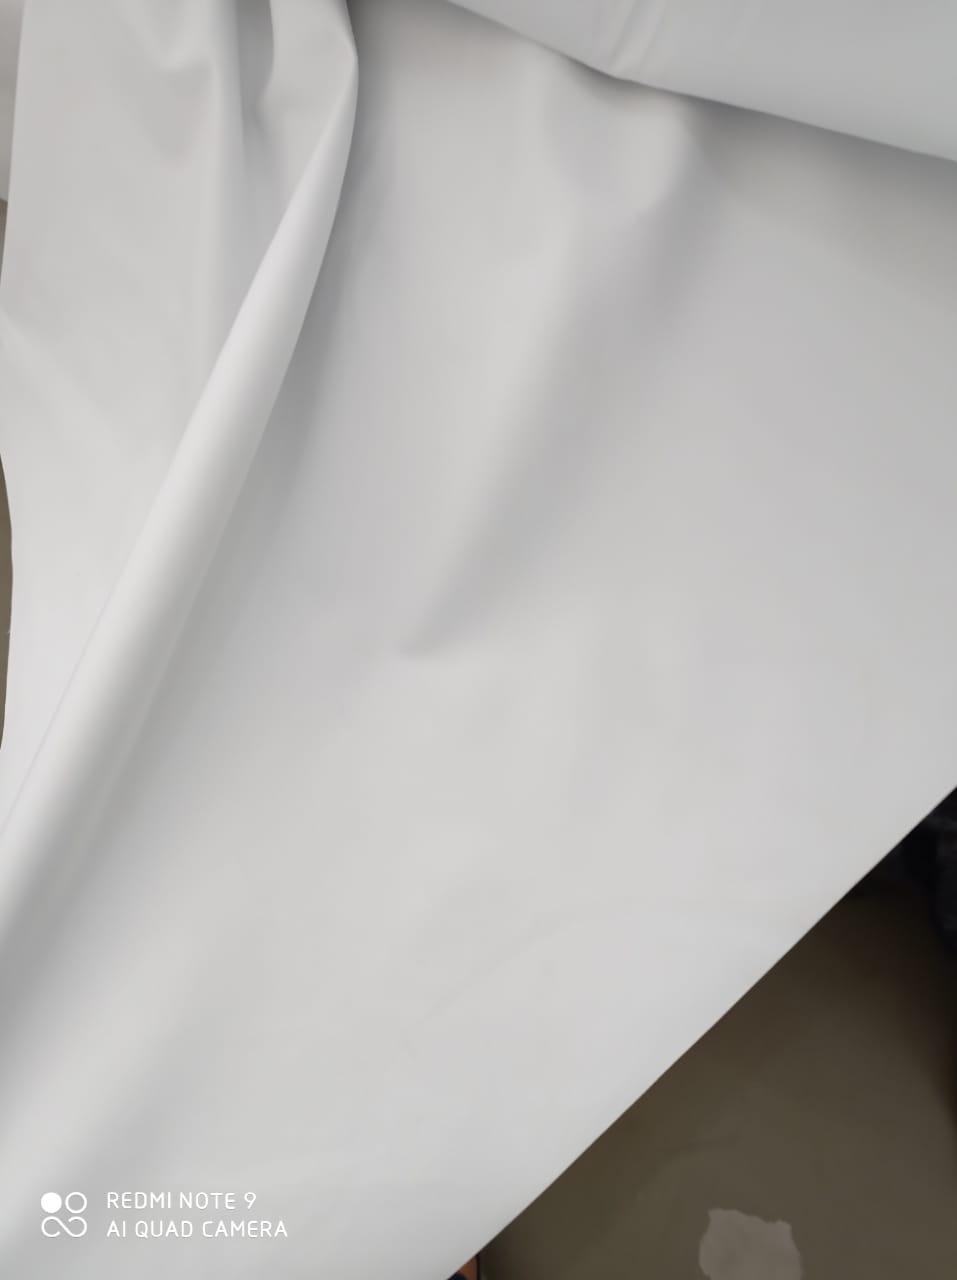 Cortina de gaze de linho bege com forro Blackout 100% de 6,00 x 2,45 para trilho suíço duplo barra de 20 cm (ver descrição) WM